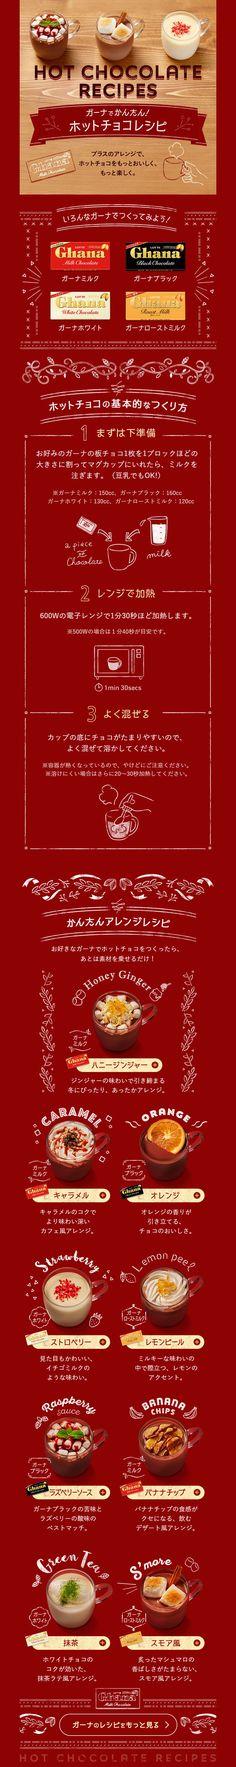 LOTTE様の「ガーナでかんたん!ホットチョコレシピ」のランディングページ(LP)かわいい系 スイーツ・スナック菓子 #LP #ランディングページ #ランペ #ガーナでかんたん!ホットチョコレシピ